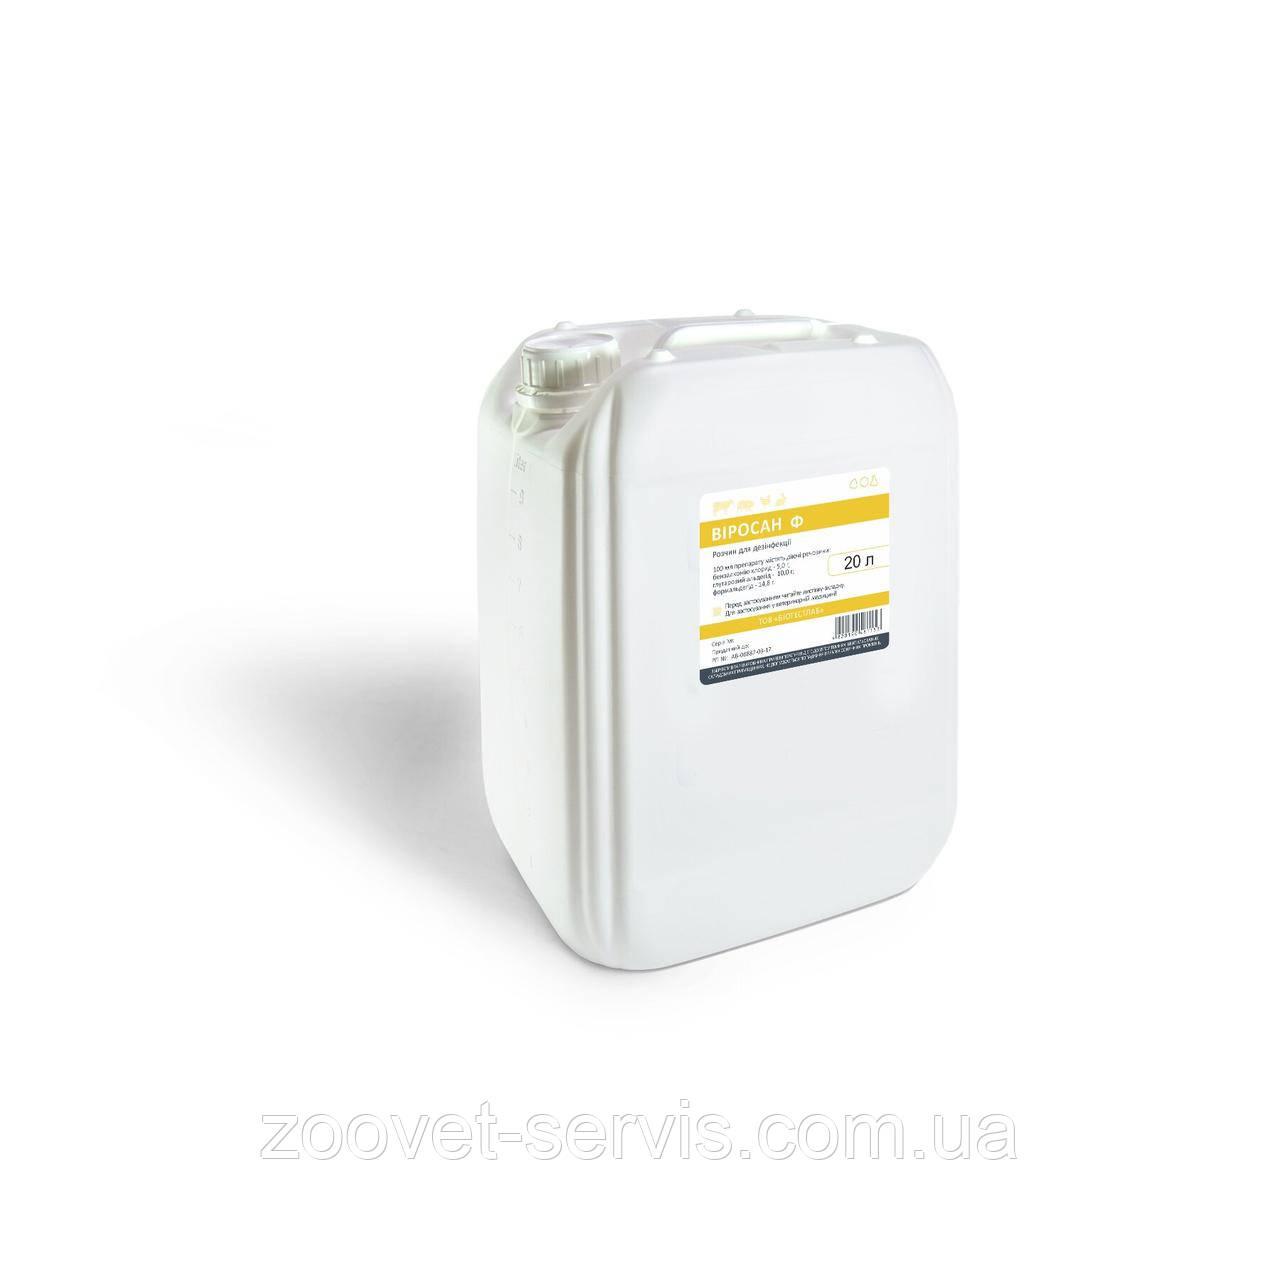 Комплексное моюще-дезинфицирующее средствоВиросан Ф 20 л